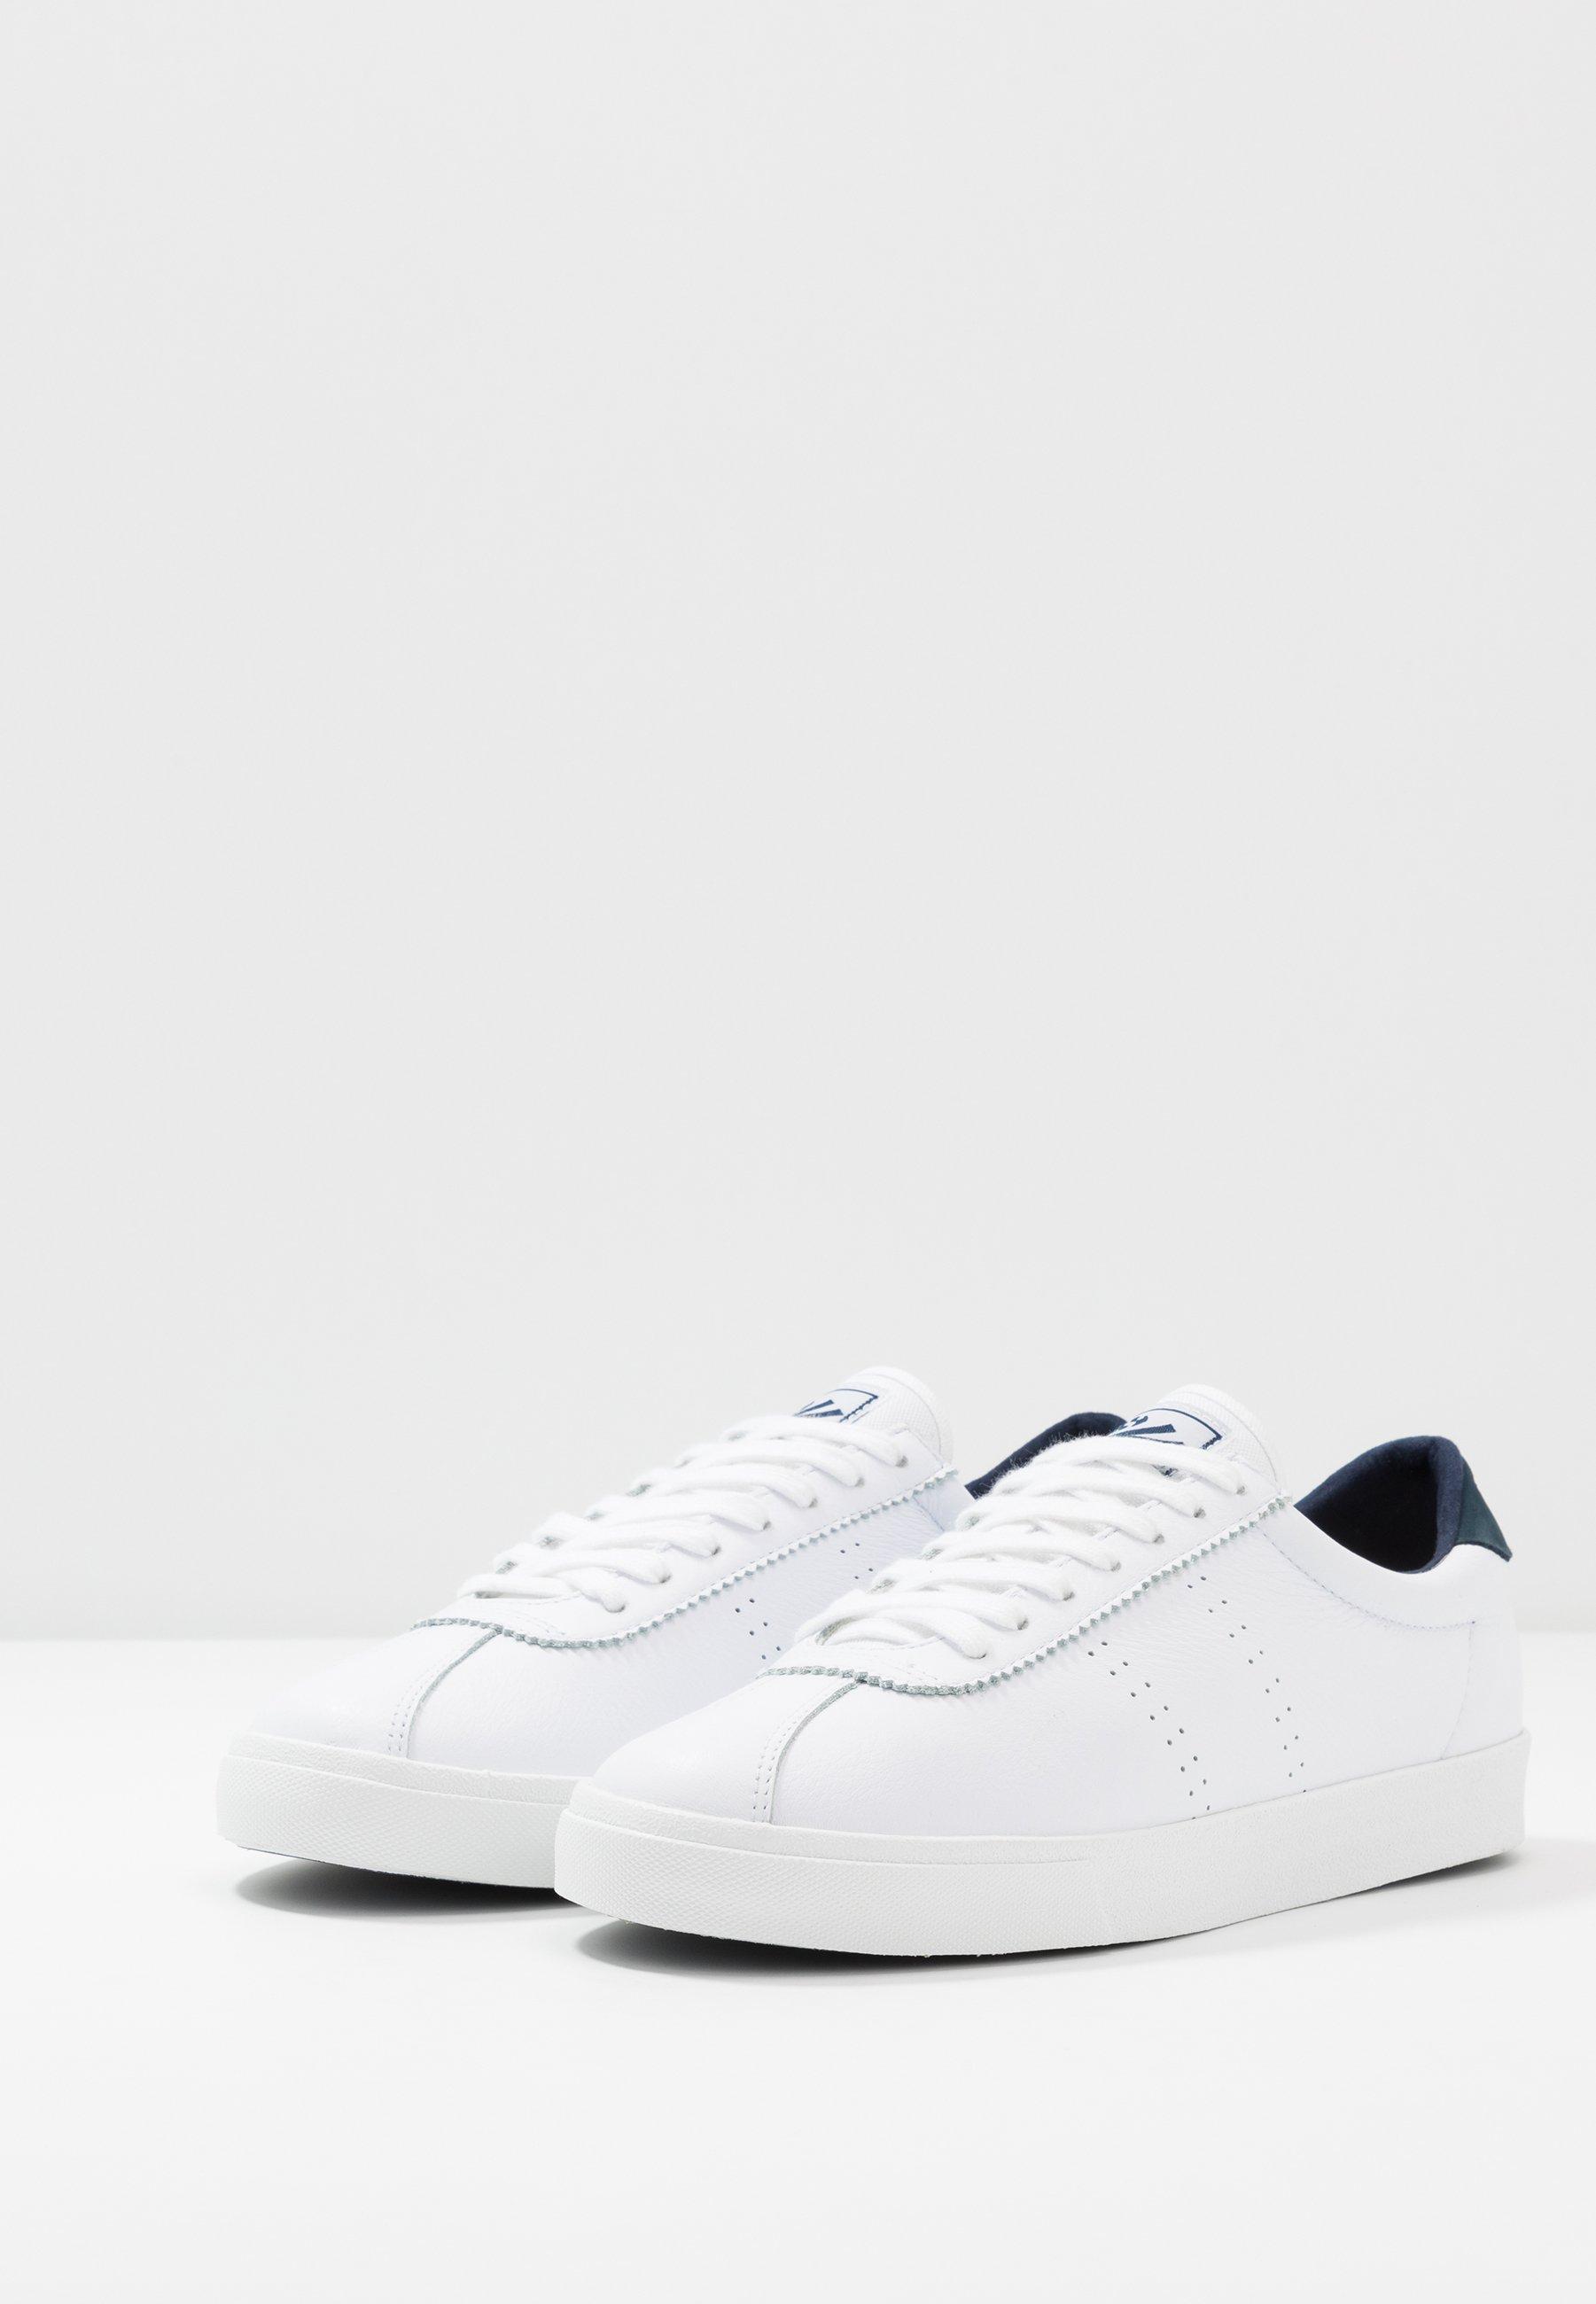 2843 COMFLEAU Sneakers whitenavy